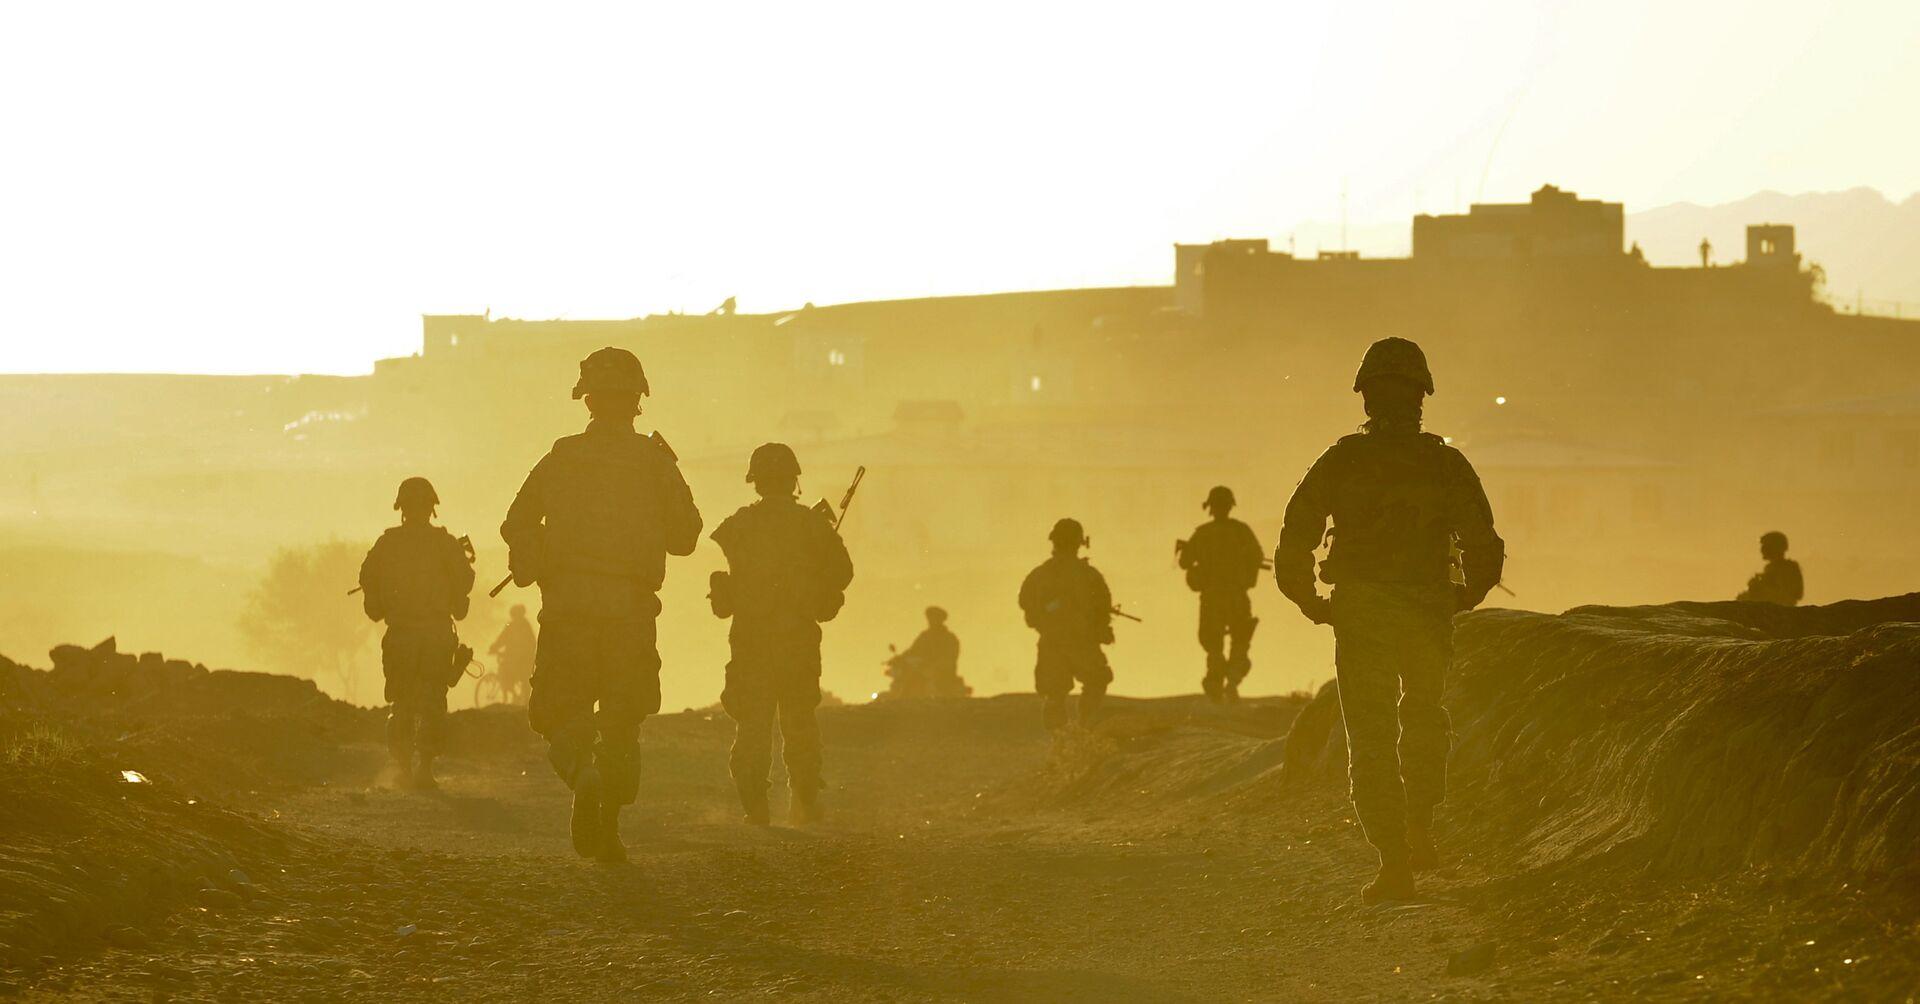 Војници тима Забул враћају се у базу након патроле у авганистанском граду Калат - Sputnik Србија, 1920, 21.08.2021